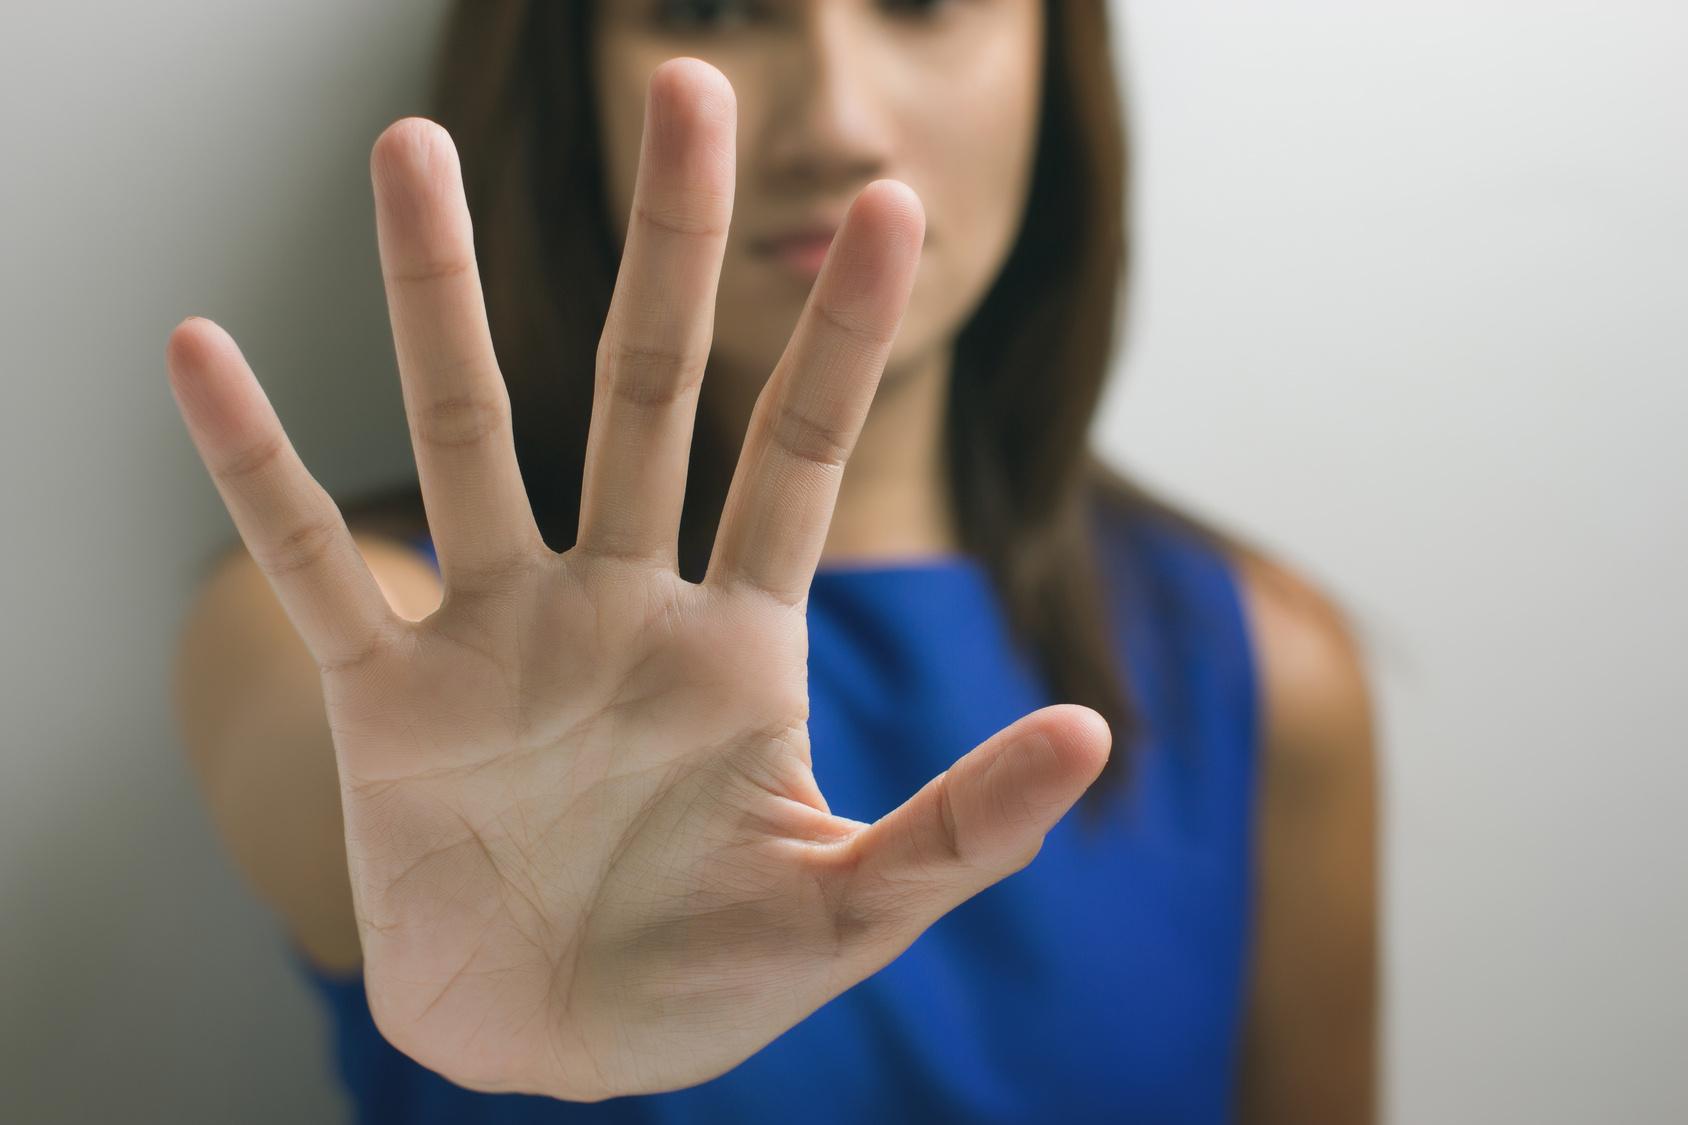 Grenzen Stellen Hand Scared Woman Stop To